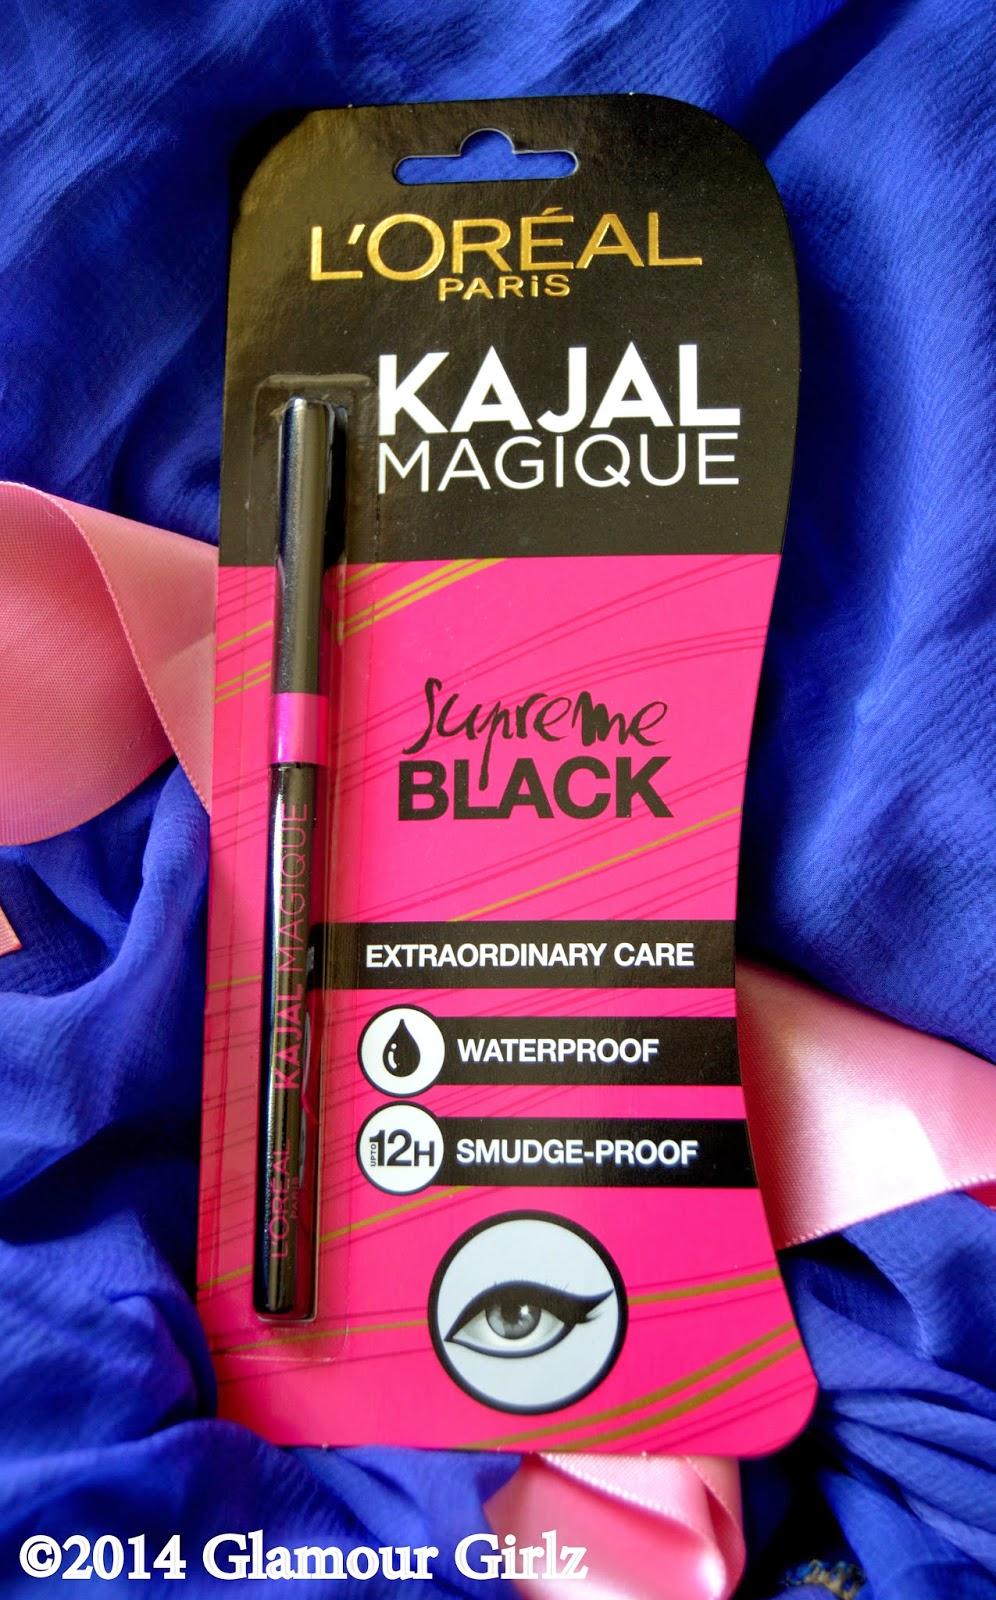 'Kajal Magique by L'Oreal Paris.